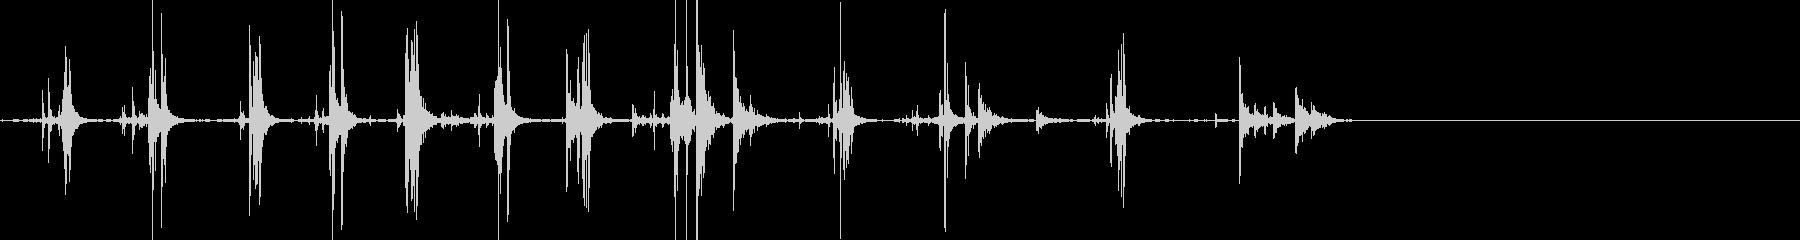 ライフルコックアンドエンプティブレ...の未再生の波形